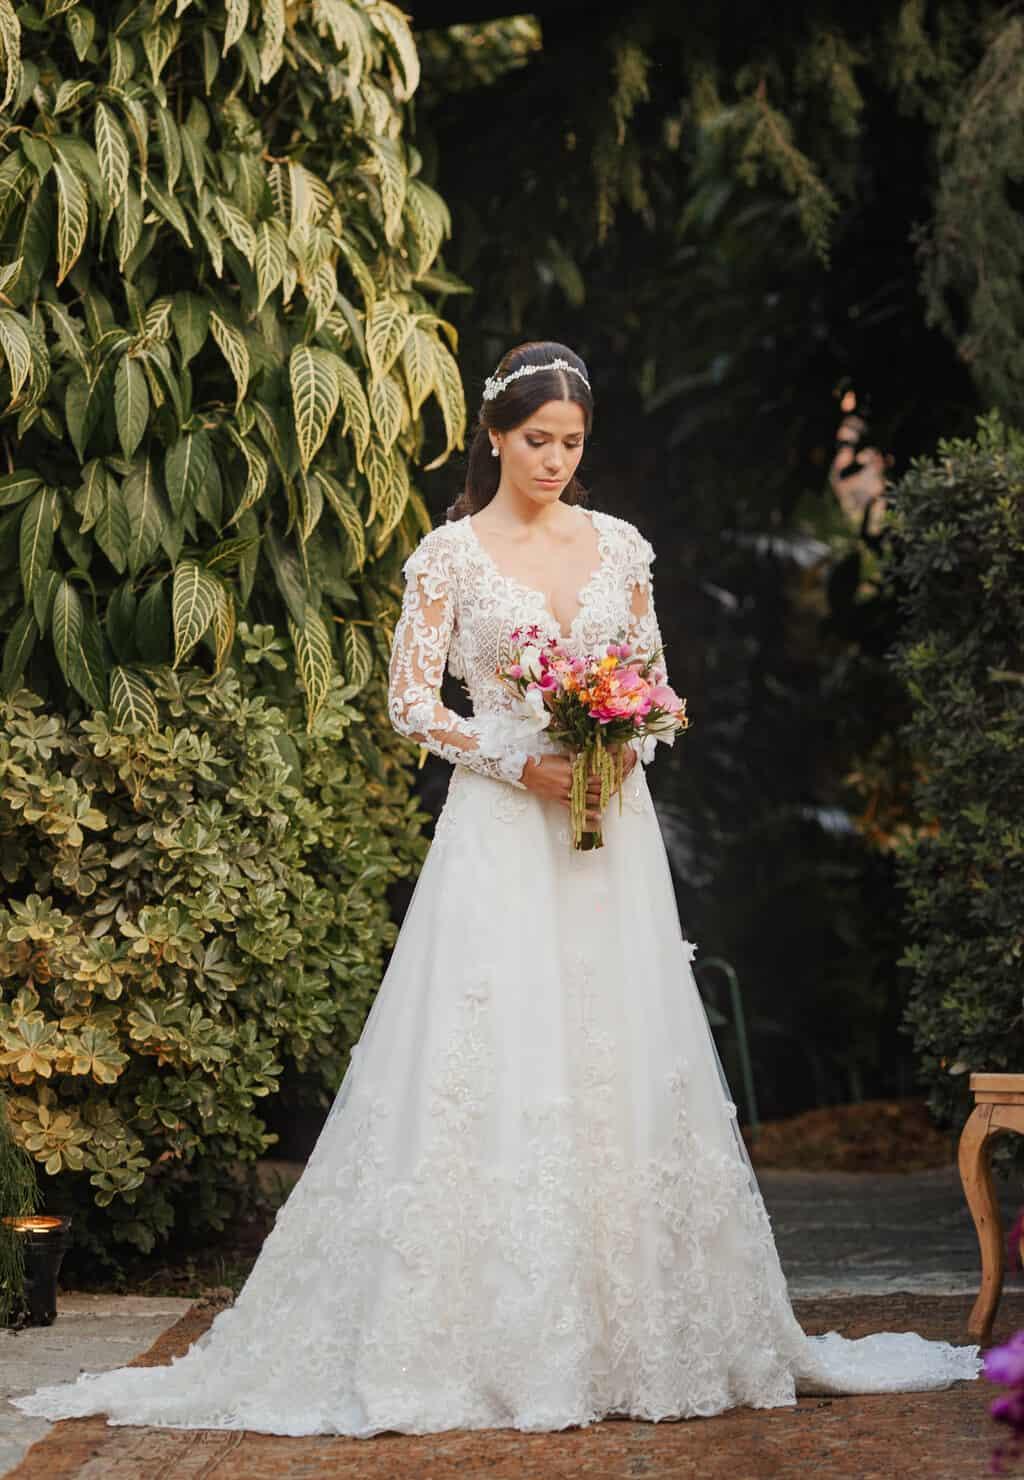 beleza-da-noiva-casamento-Beatriz-e-Joao-Fernando-Itaipava-Locanda-Della-Mimosa-Thienny-Tammis96